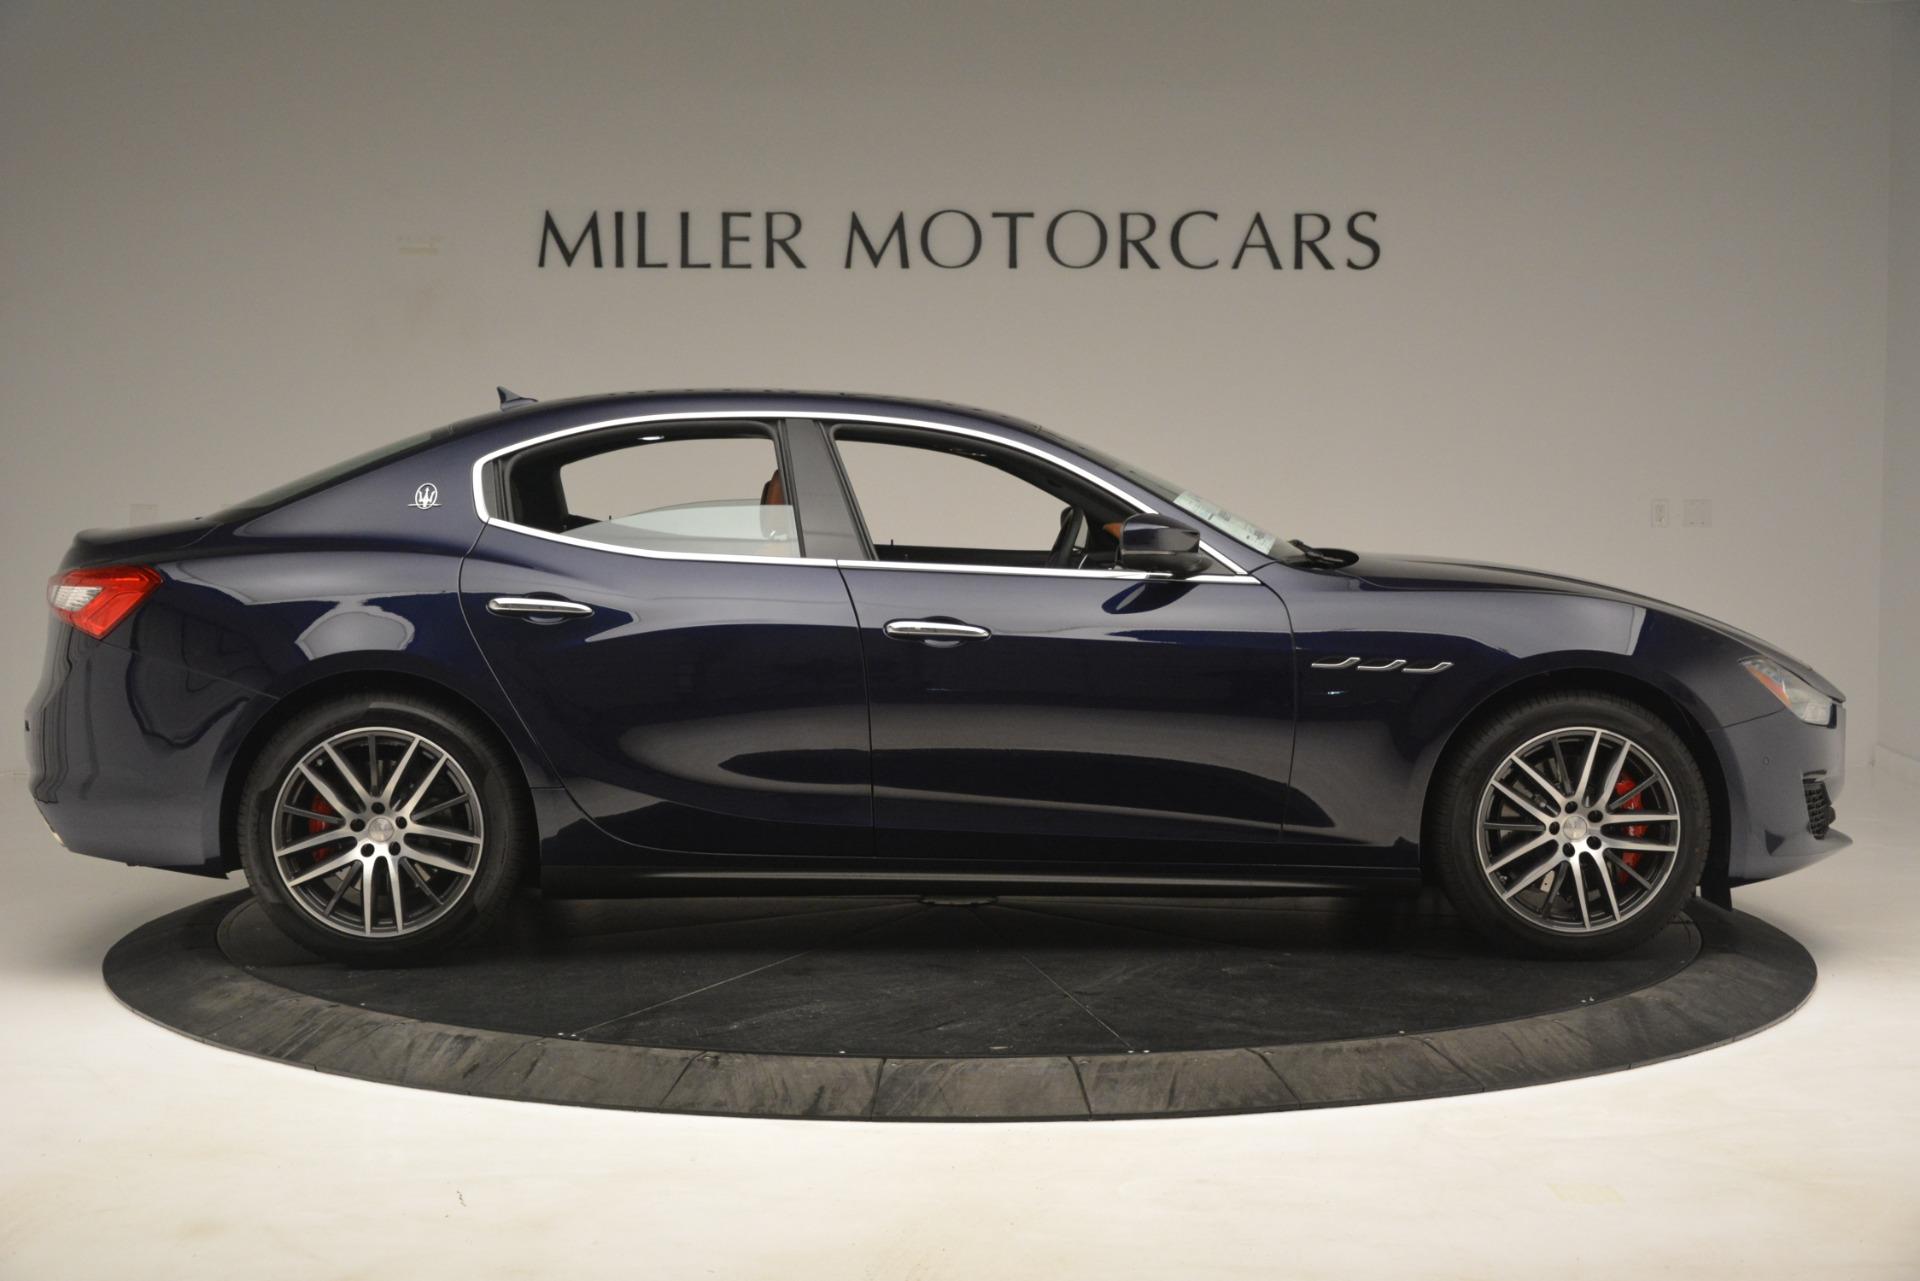 New 2019 Maserati Ghibli S Q4 For Sale In Greenwich, CT 3106_p9